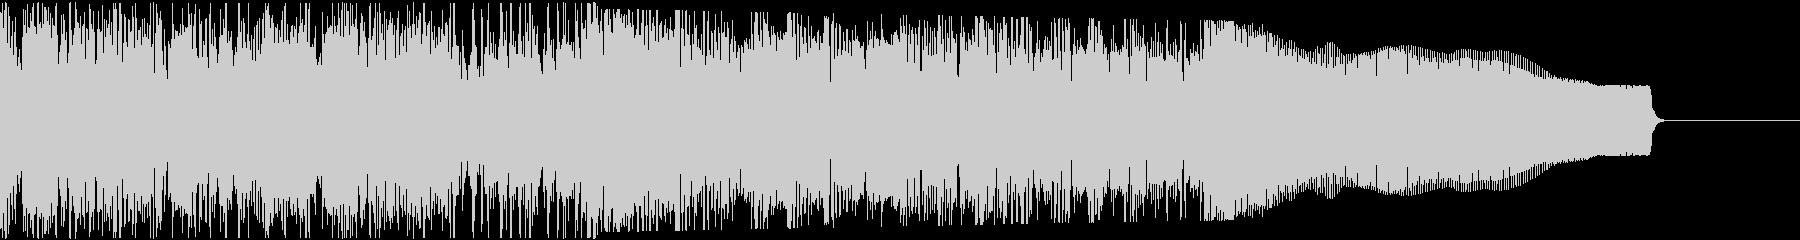 カントリー風ギターイントロ−06Eの未再生の波形